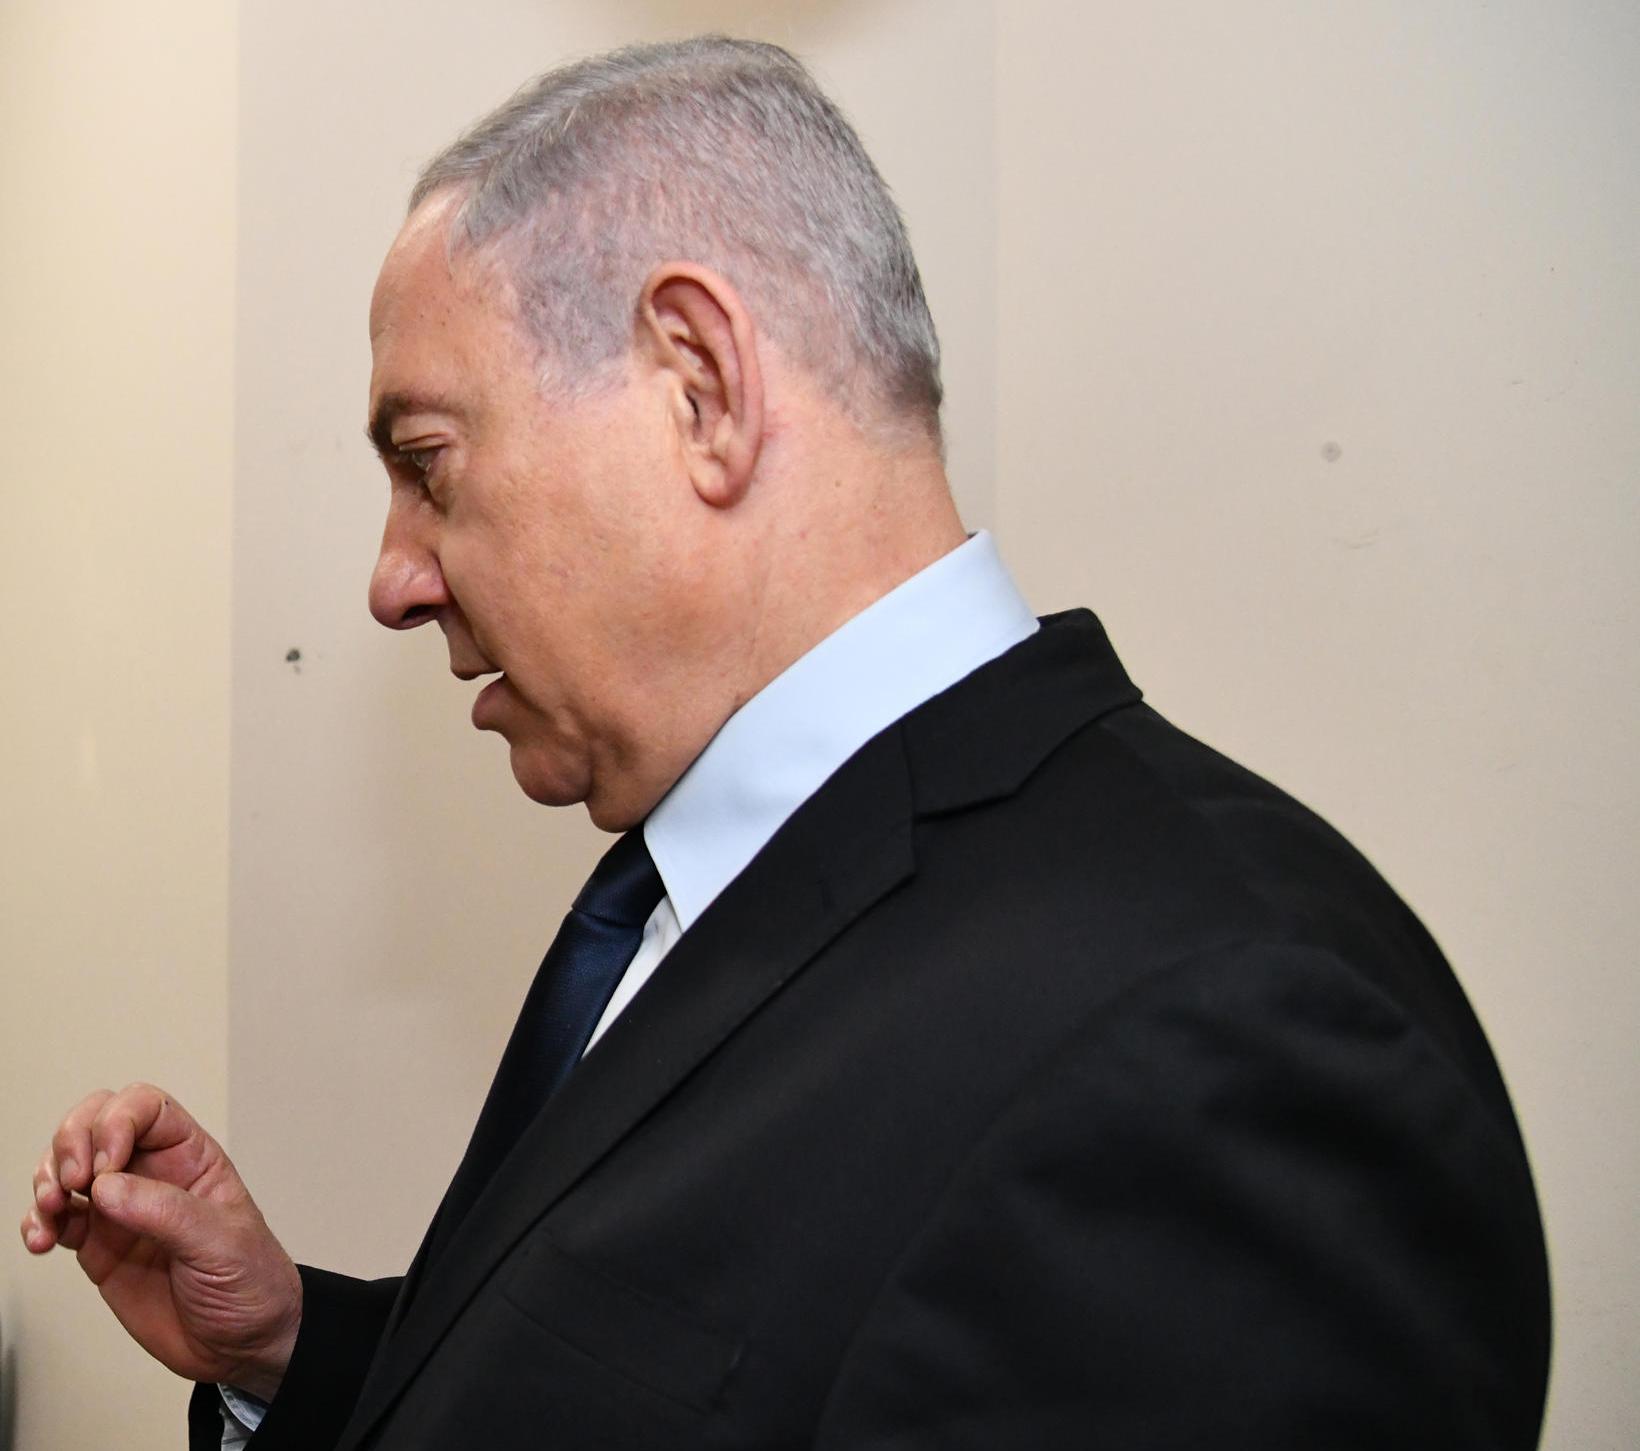 PM-Netanyahu-at-Chaim-Sheba-Medical-Center-at-Tel-Hashomer-cropped-GPO